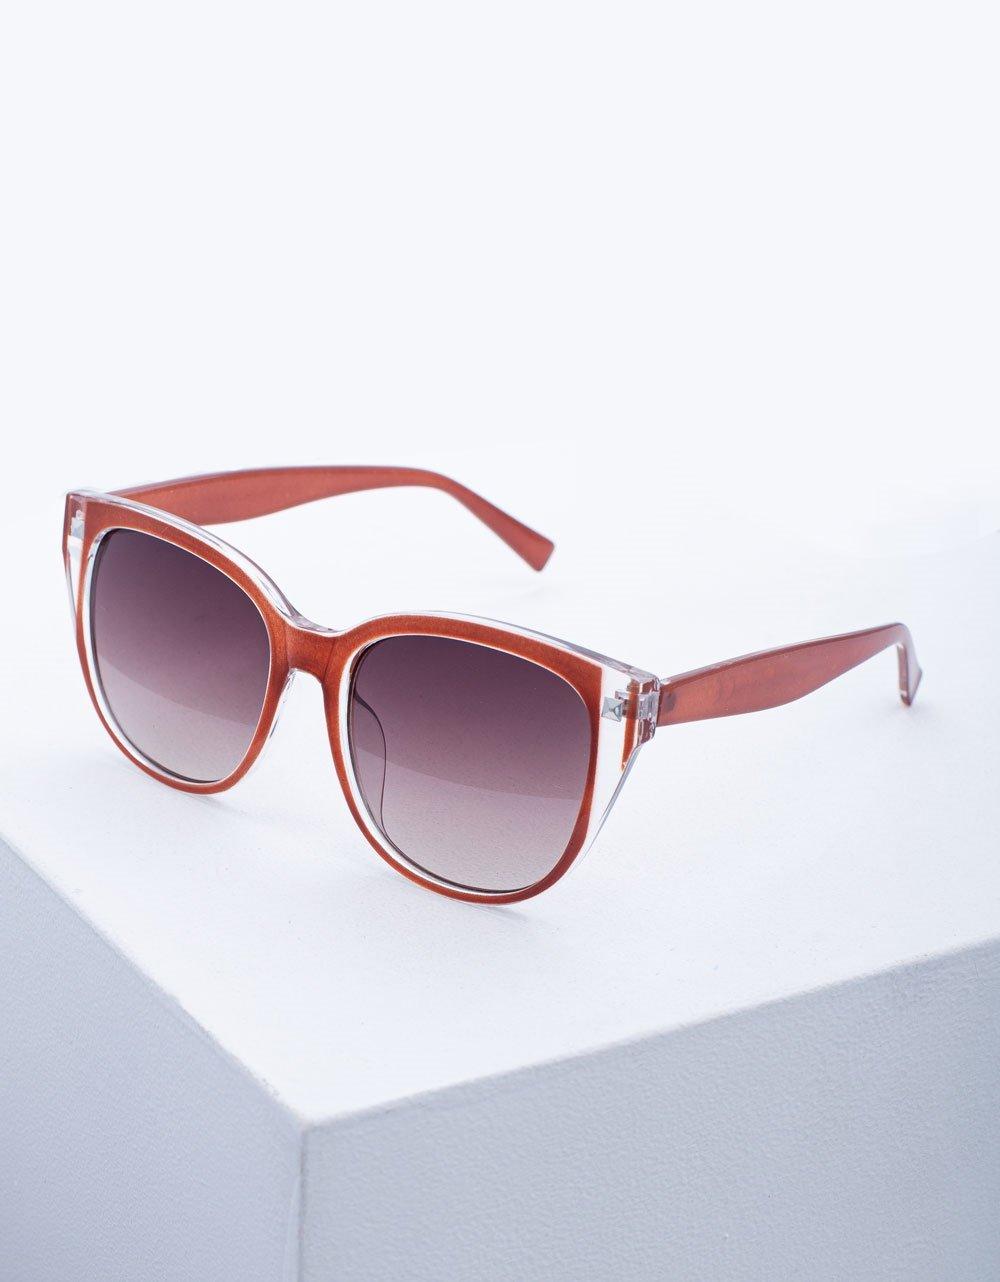 Εικόνα από Γυναικεία γυαλιά ηλίου σε στρογγυλό σχήμα Μπορντώ